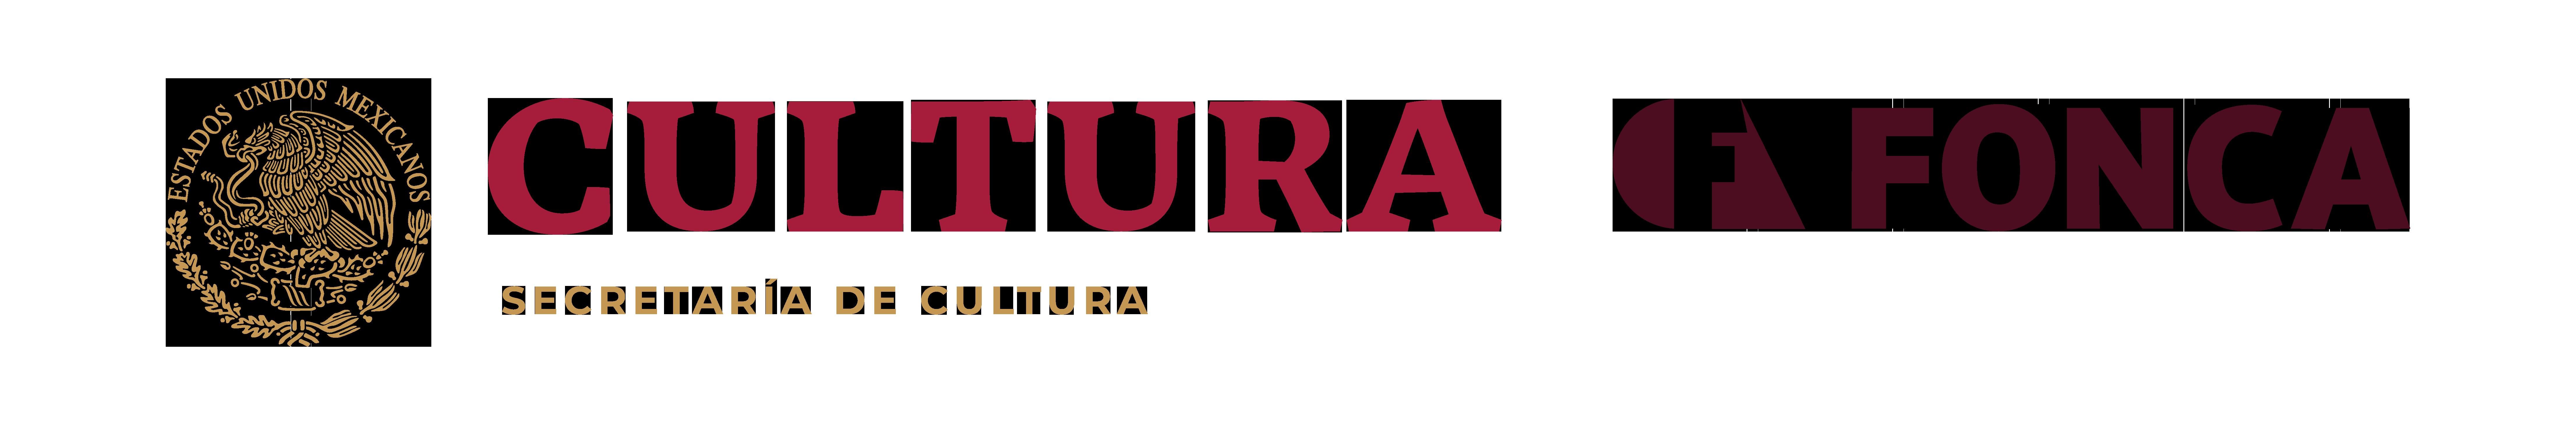 logo-cultura_fonca_color